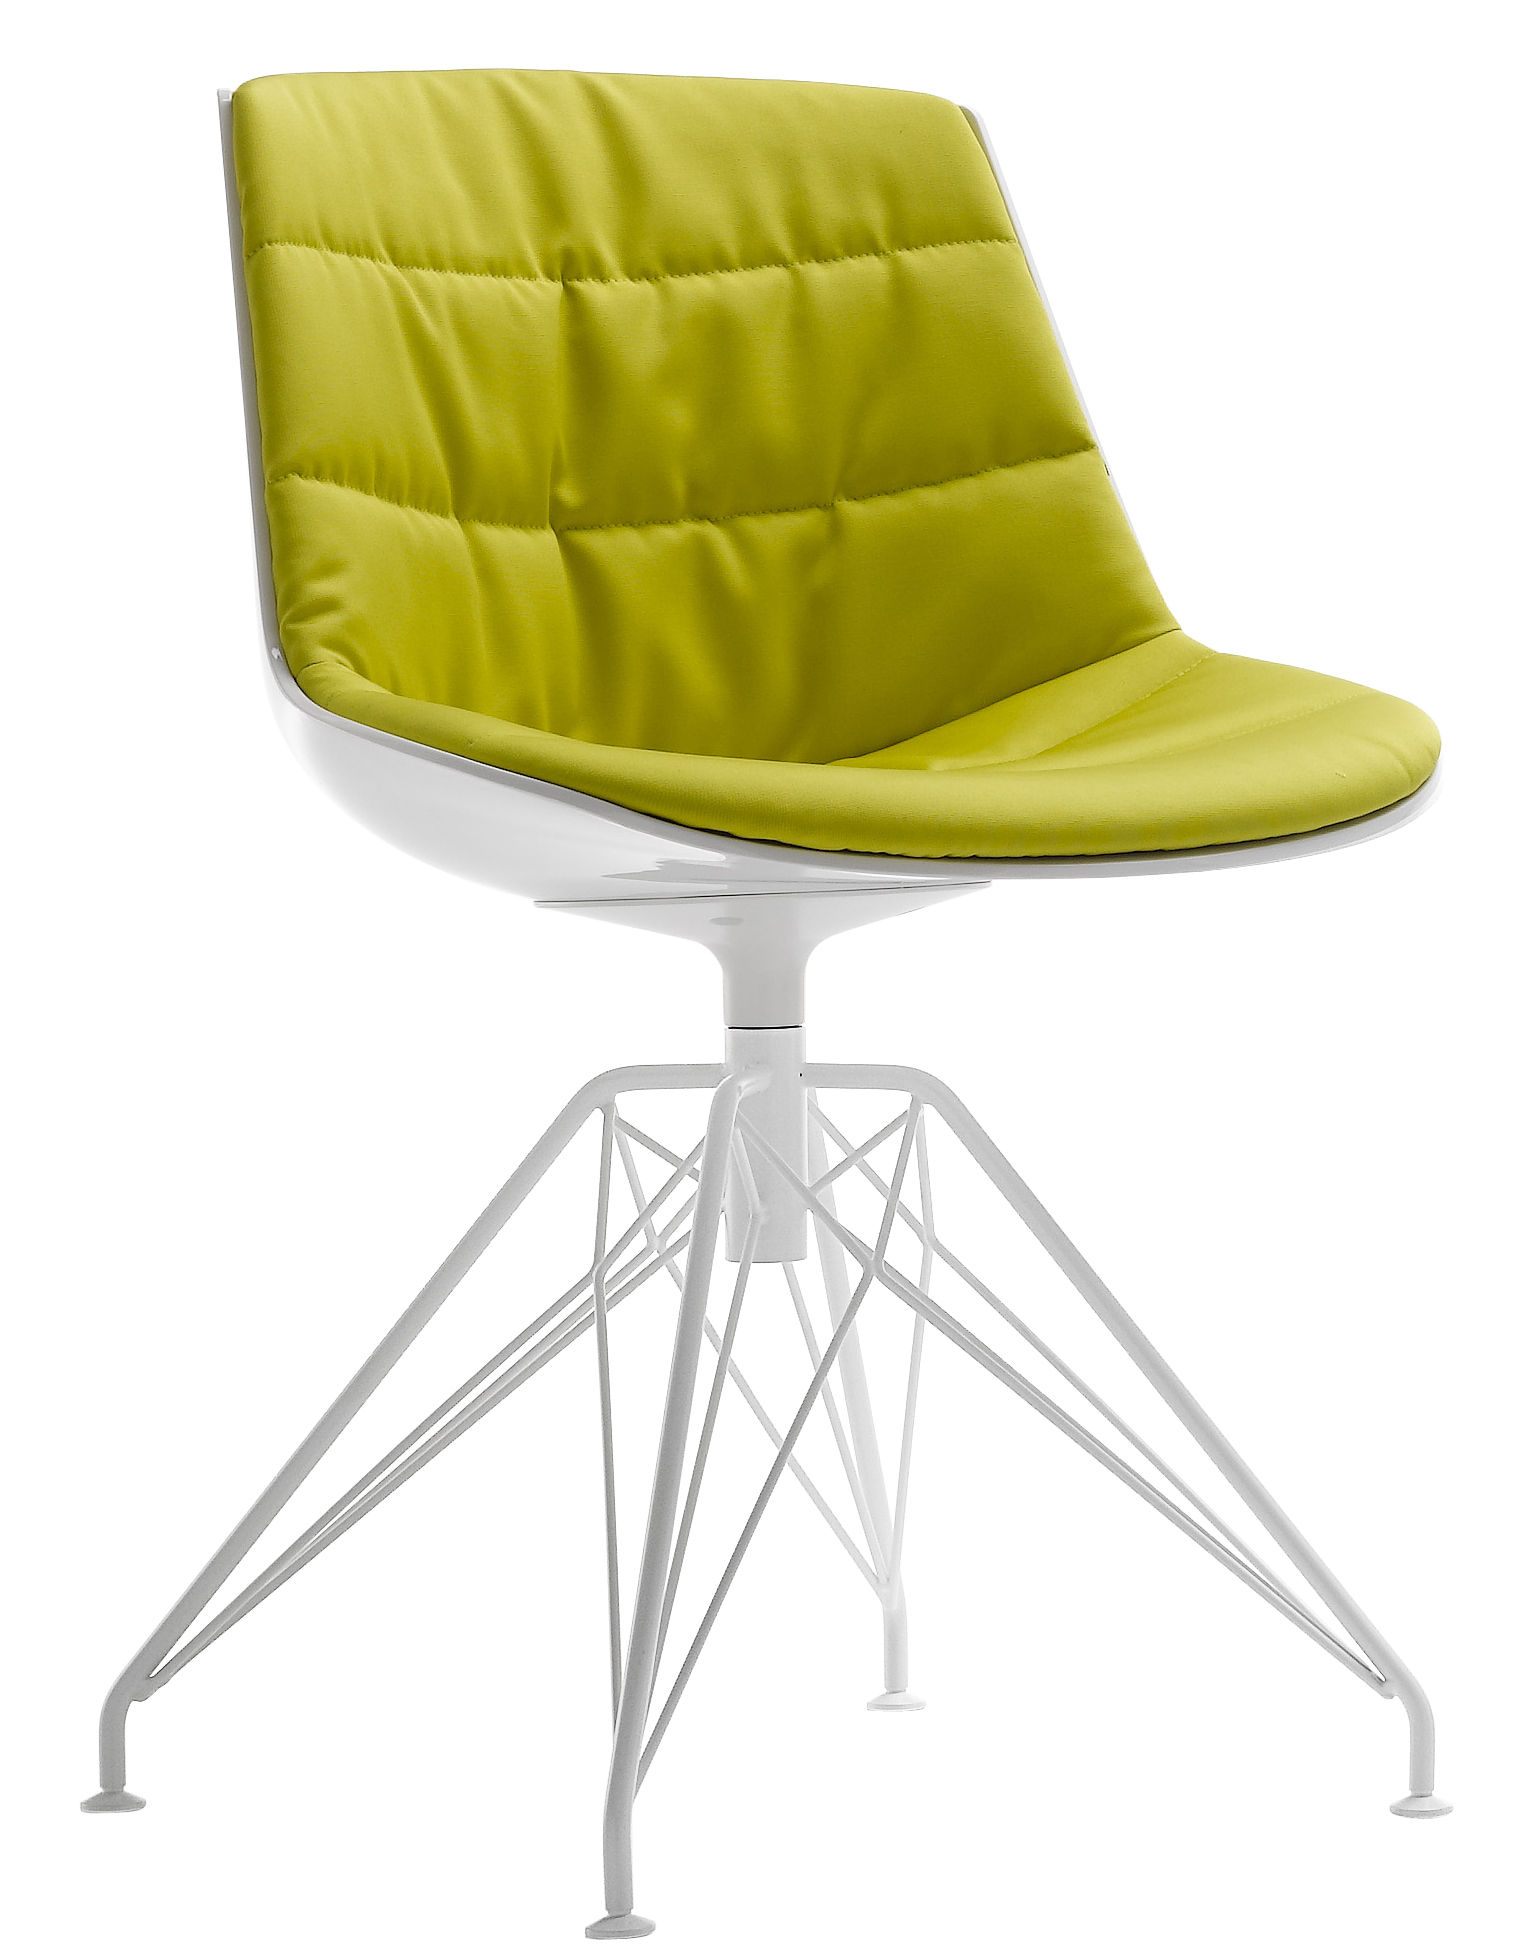 Chaise de cuisine jaune - Chaise de cuisine pivotante ...